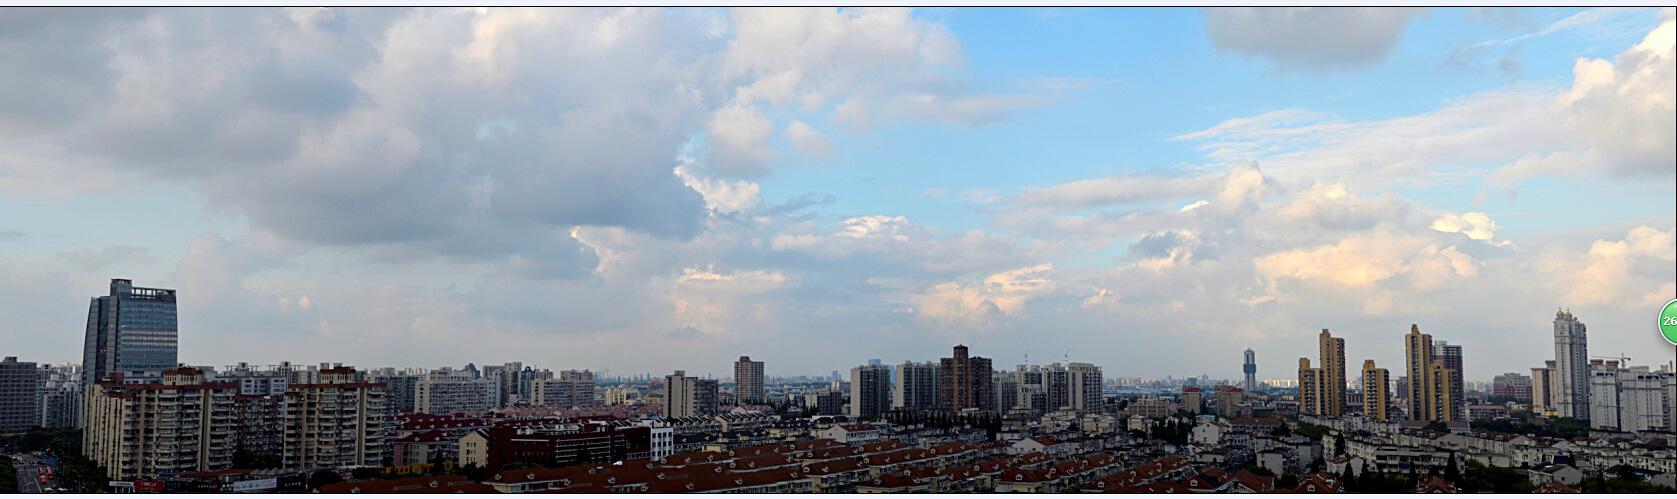 泰鸿新苑顶楼 300mm A.jpg